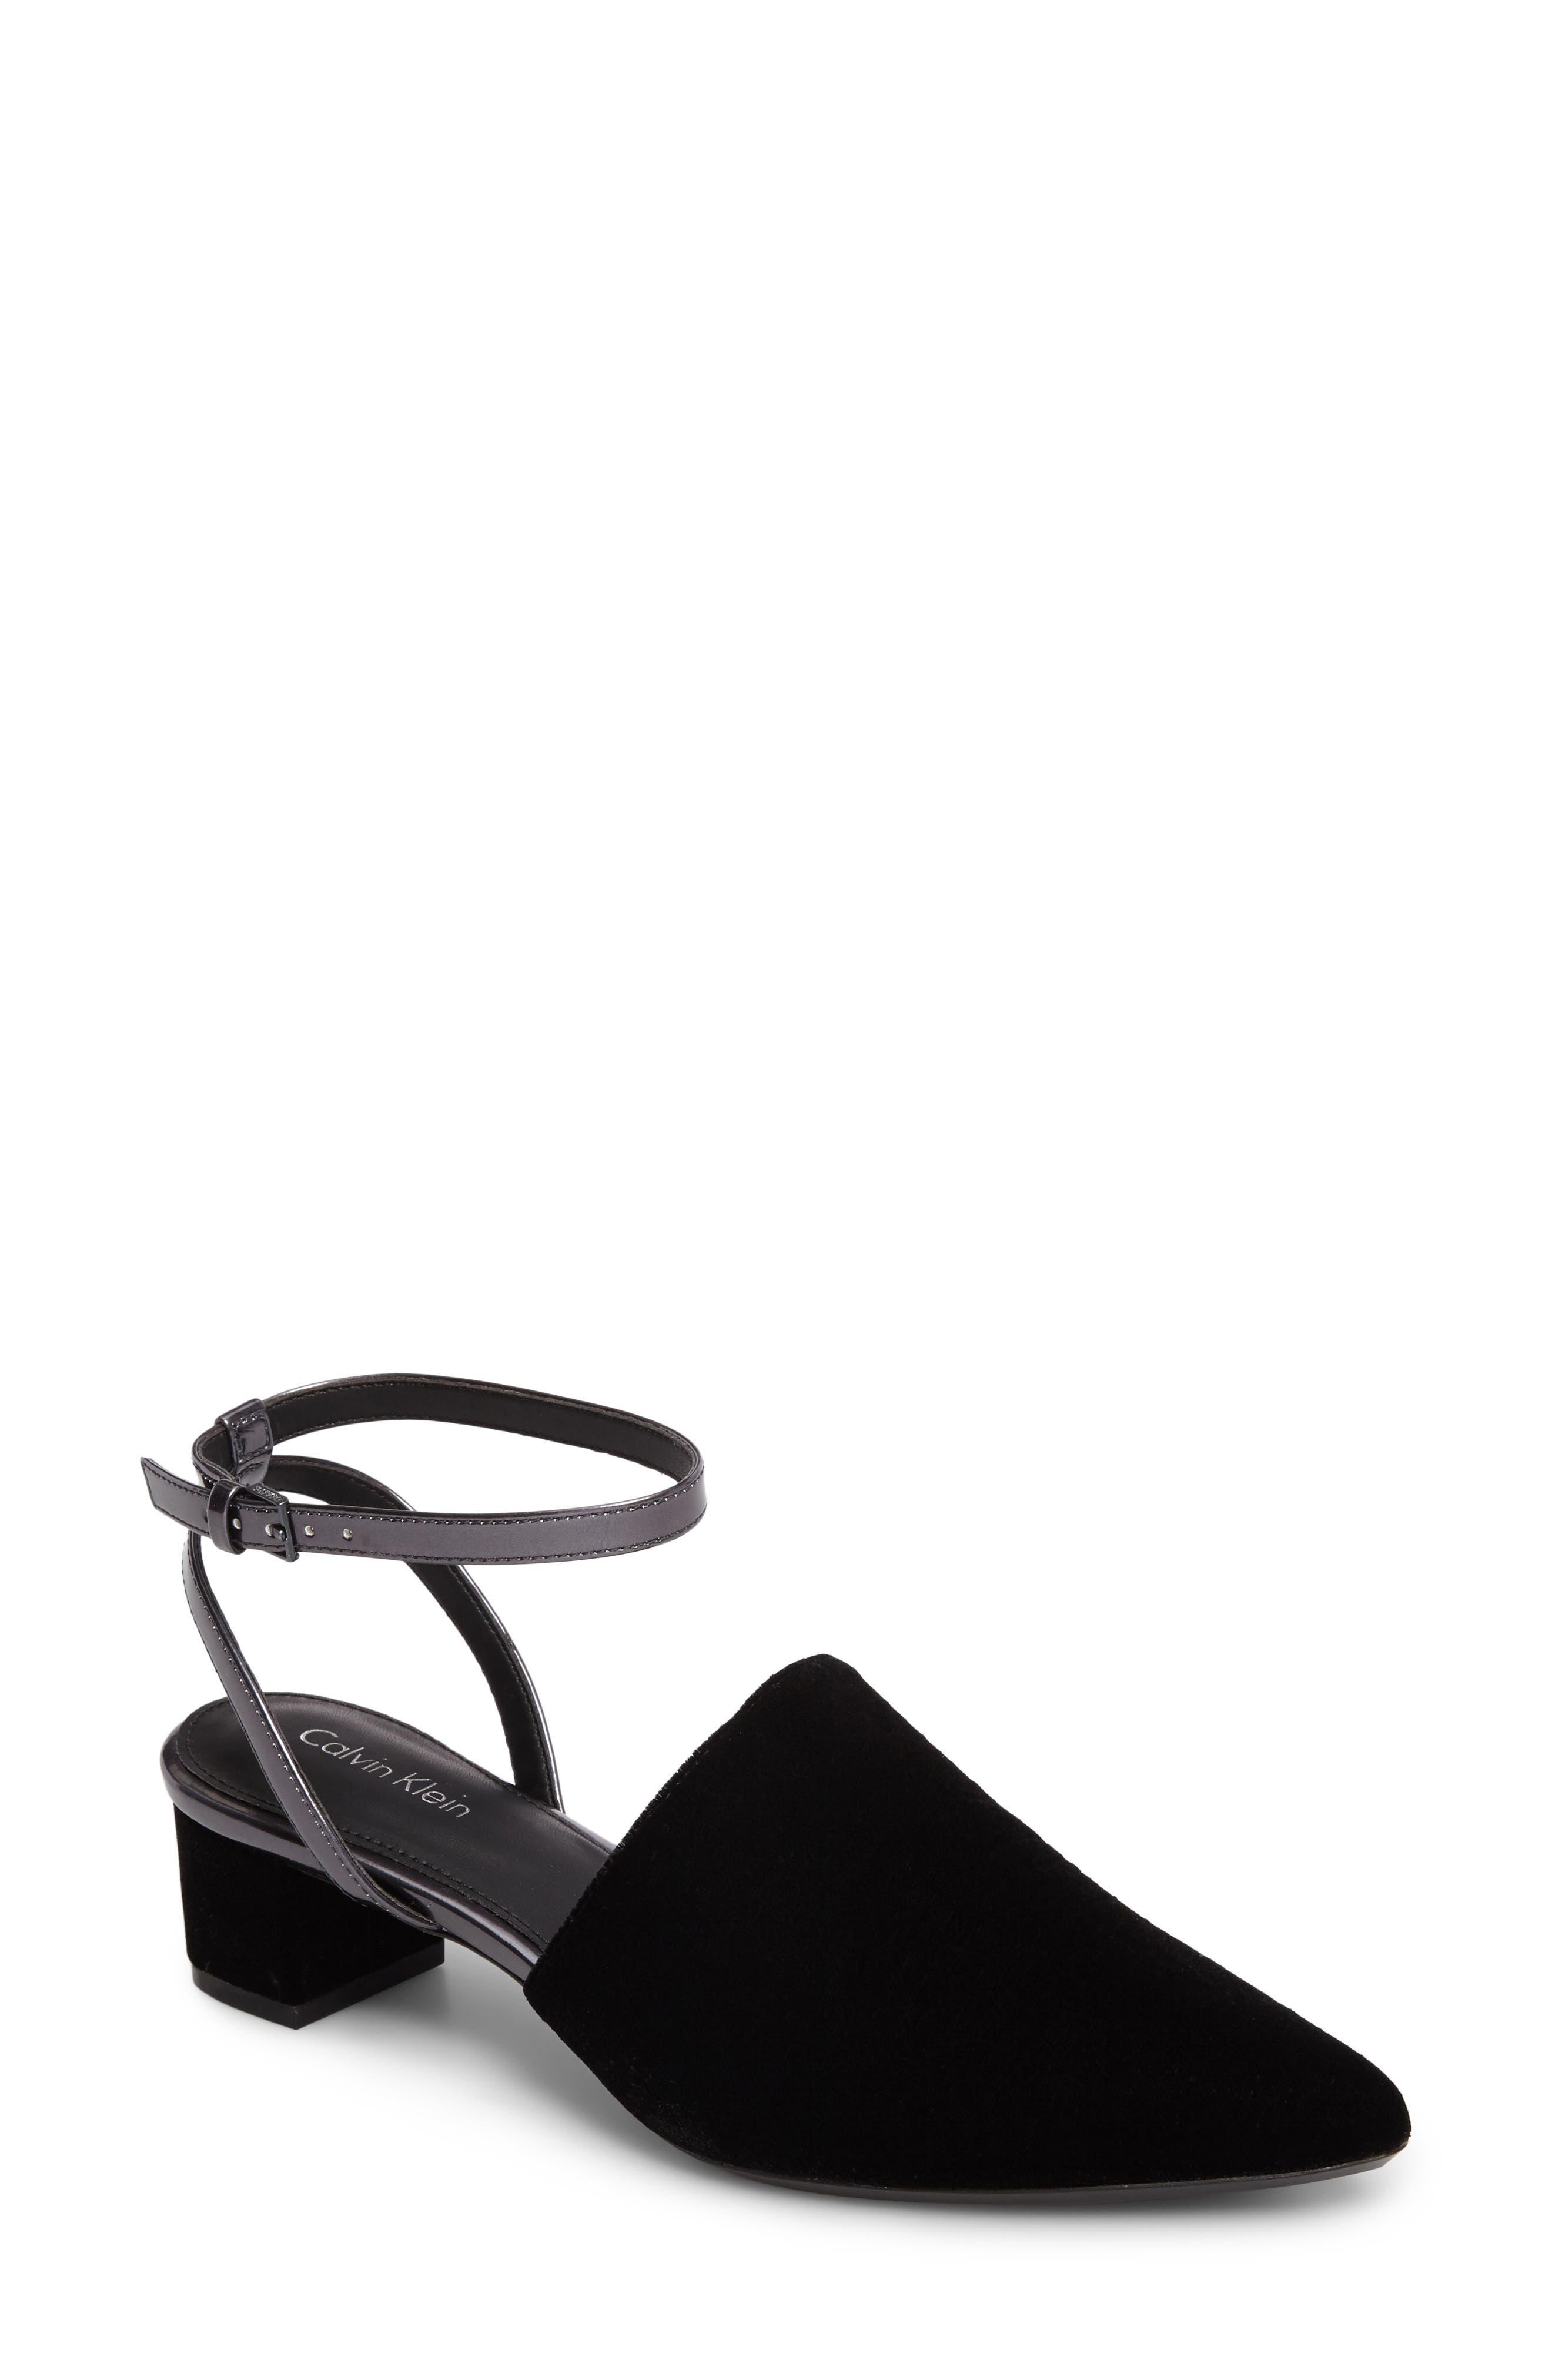 Ginetta Ankle Strap Pump,                             Main thumbnail 1, color,                             Black/ Navy Velvet